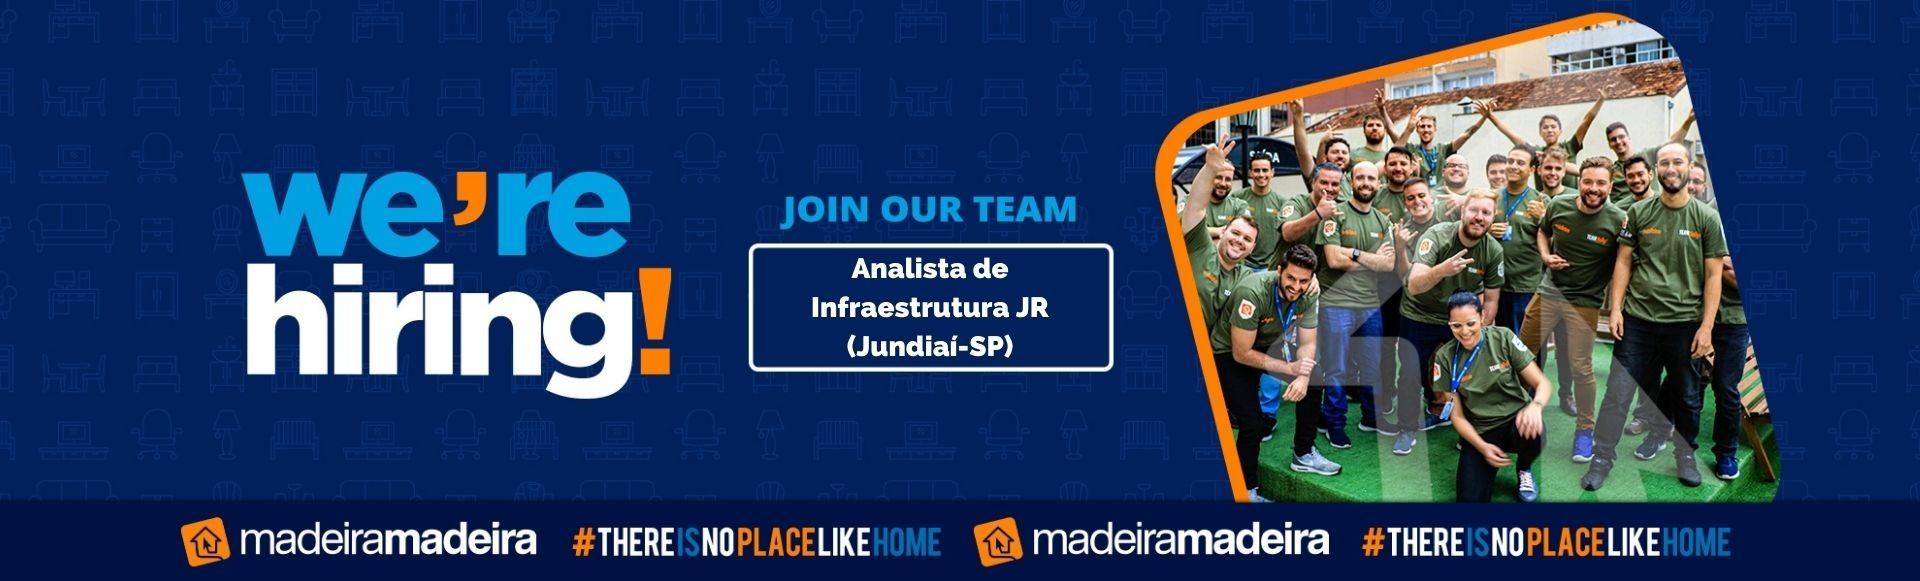 Analista de Infraestrutura JR (Jundiaí-SP)